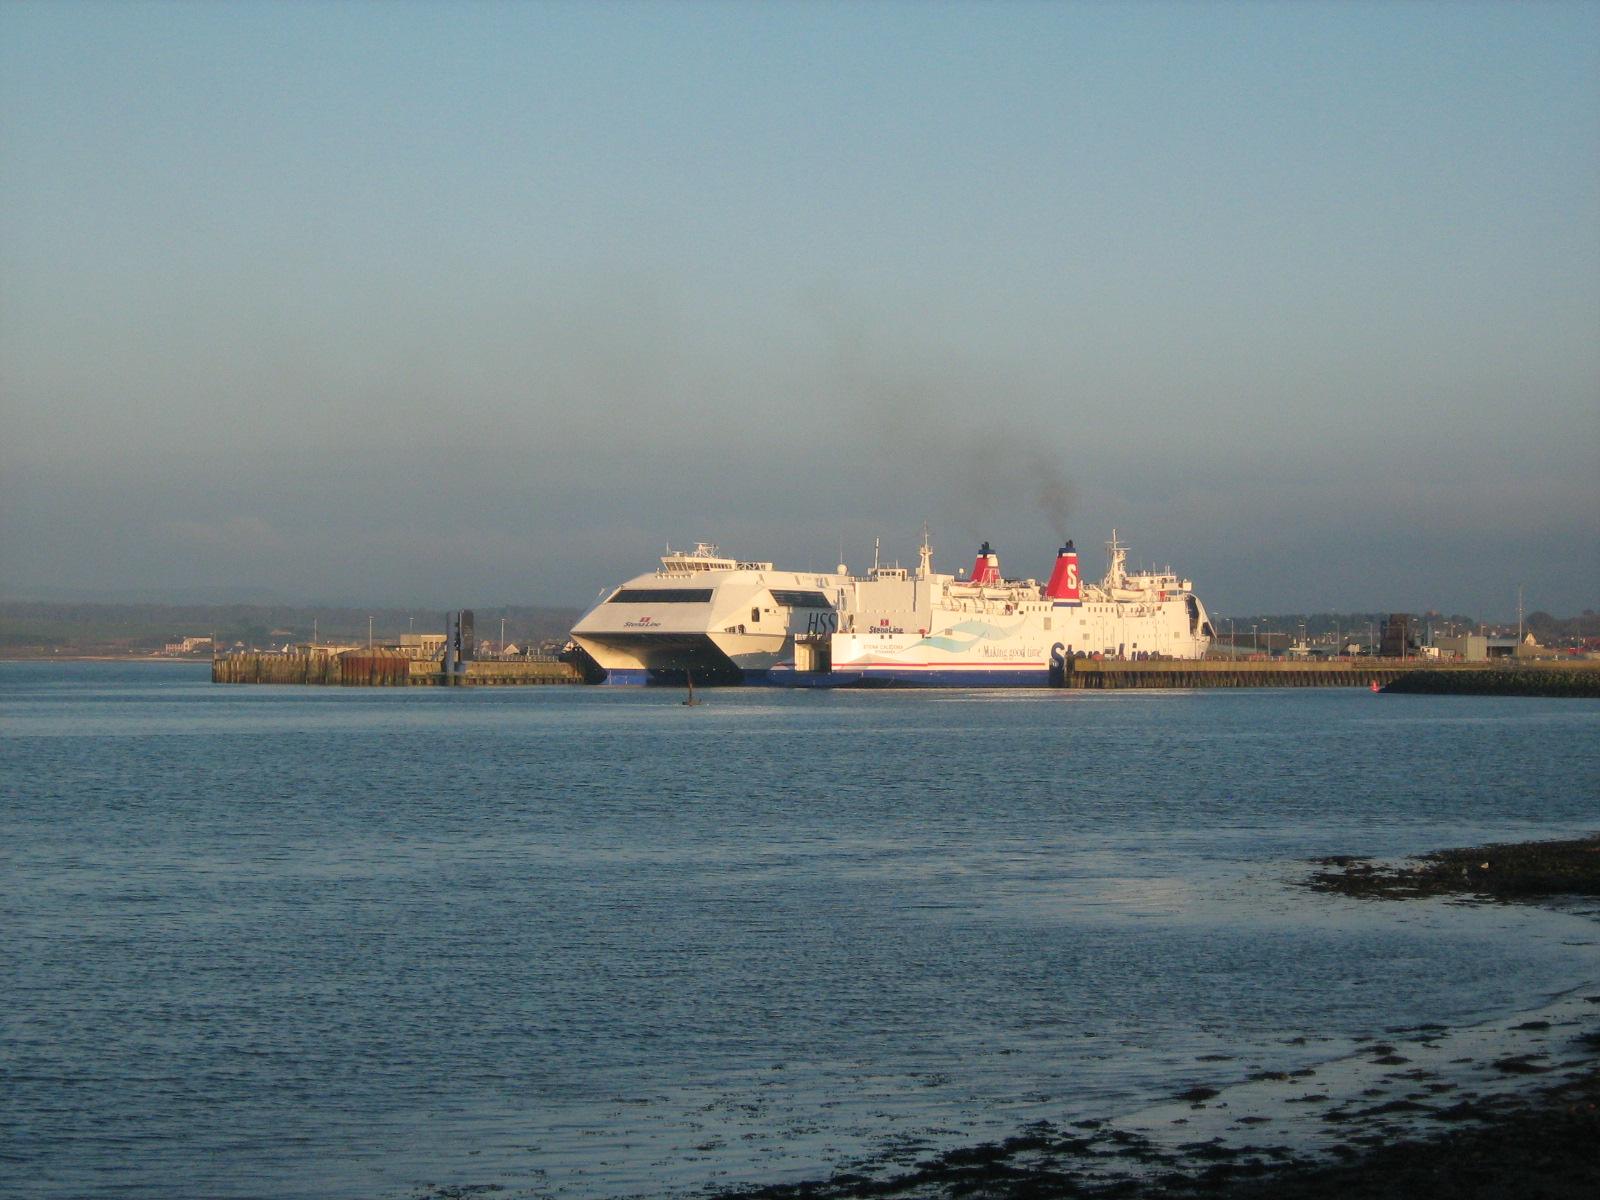 seacat in Stranraer